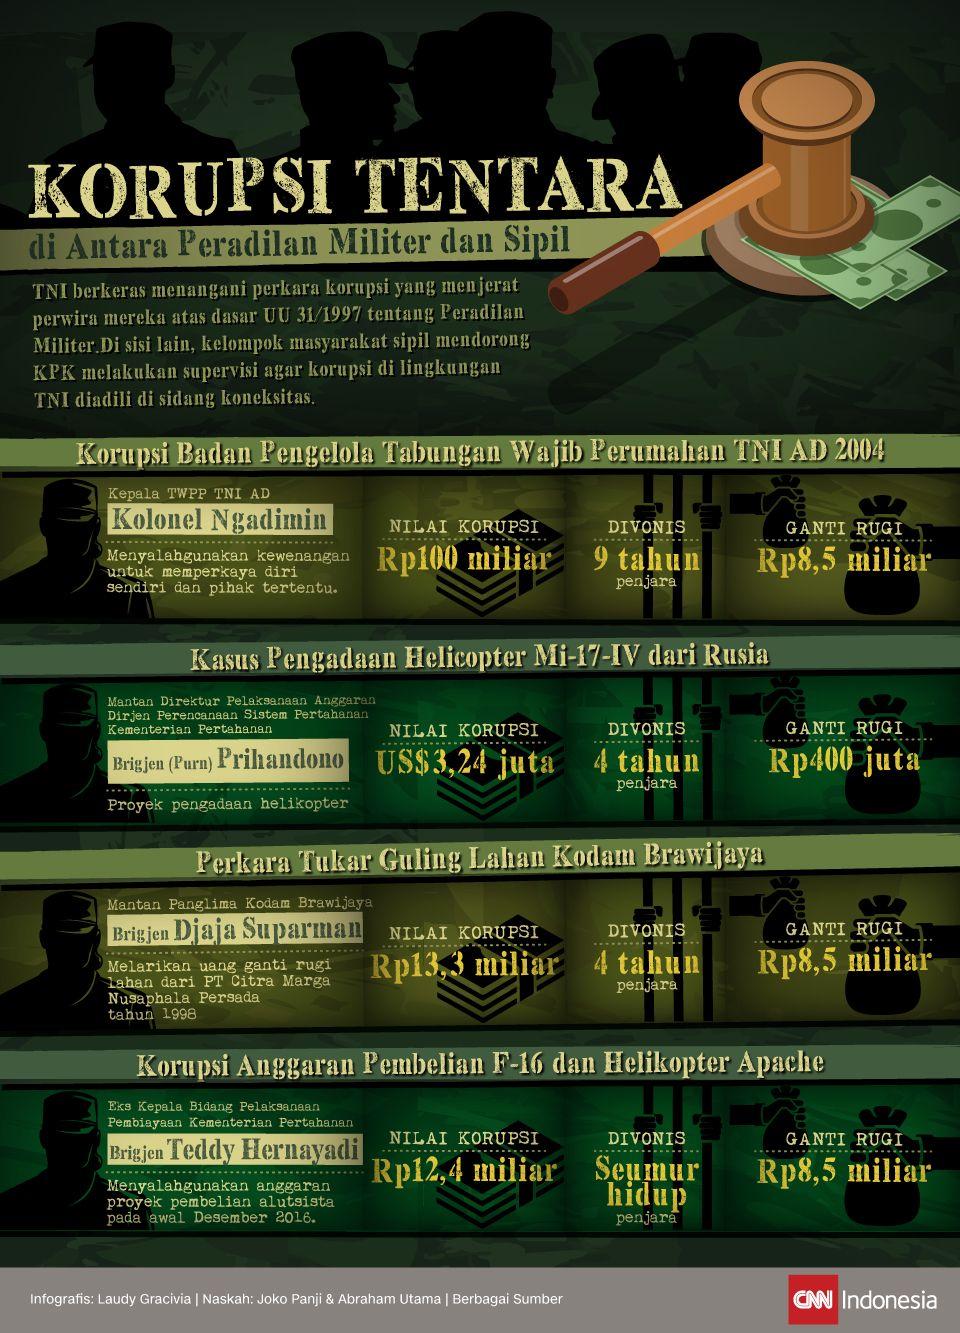 Infografis Korupsi Tentara di Antara Peradilan Militer dan Sipil